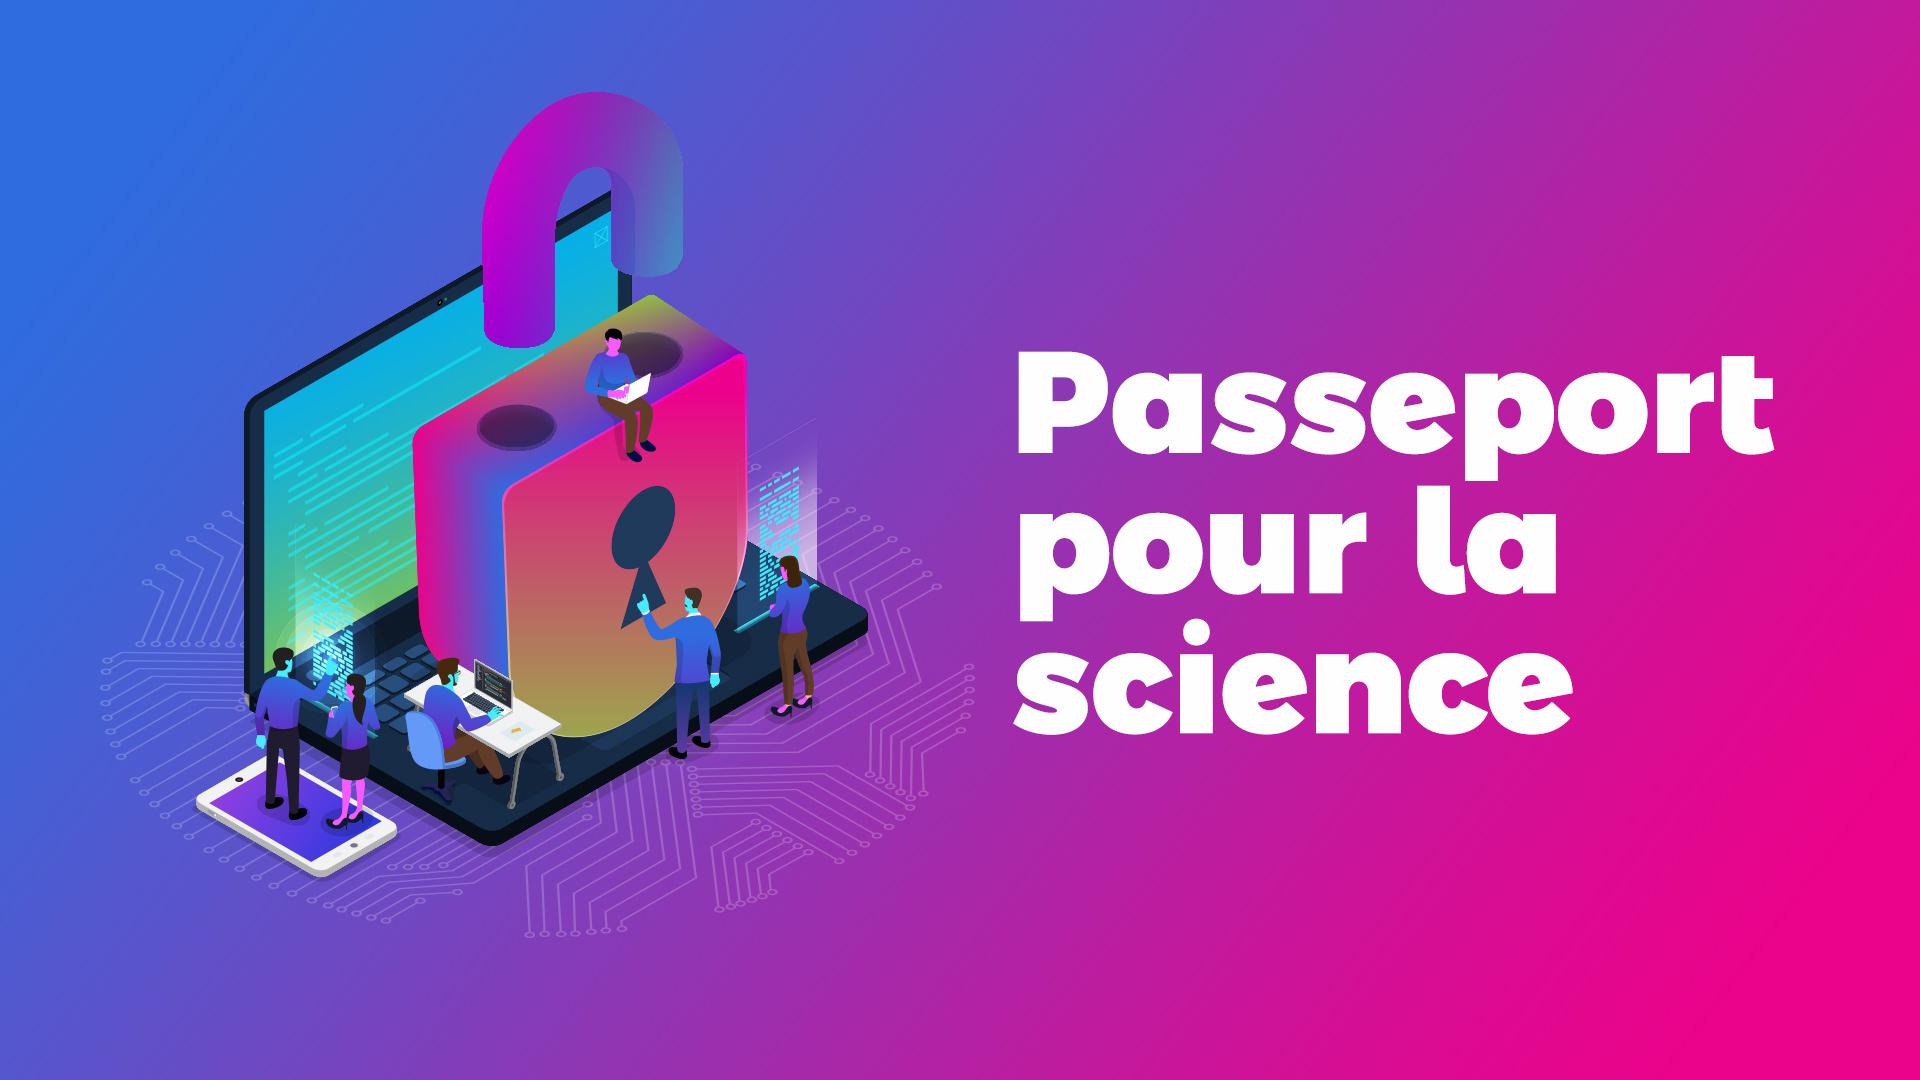 Le Passeport pour la Science ouverte